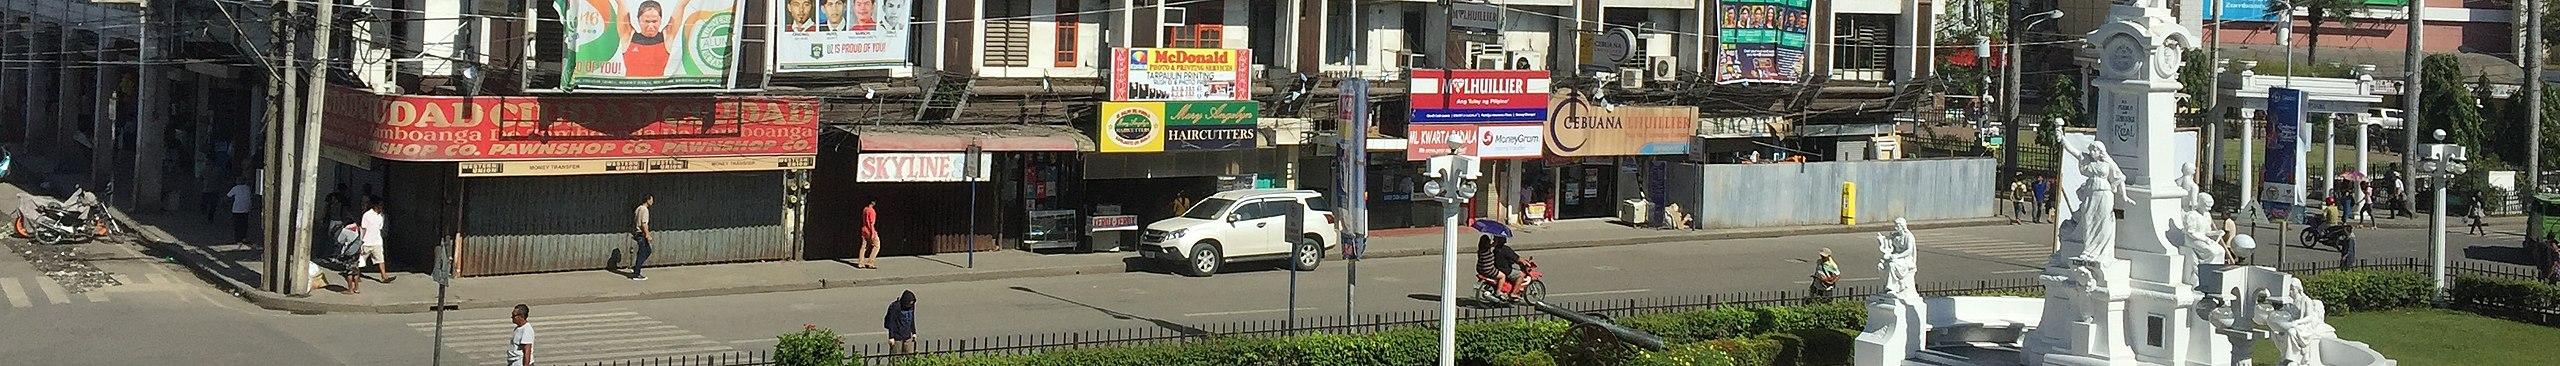 Zamboanga (city) – Travel guide at Wikivoyage